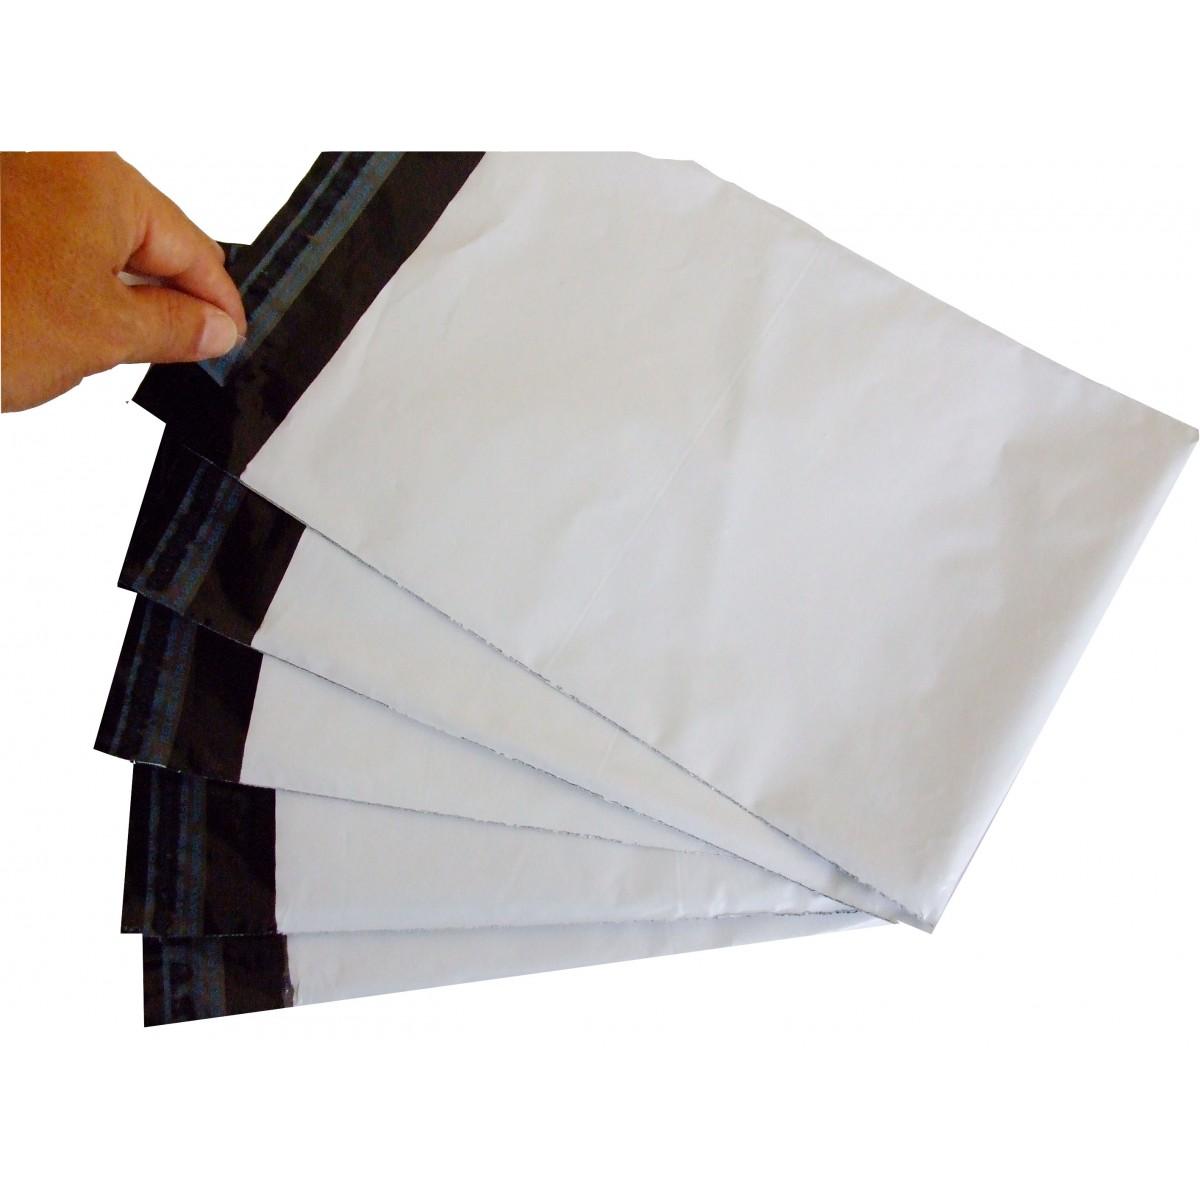 Envelope de Segurança Liso Branco L:60 X C:40 + 5 (Aba) cm